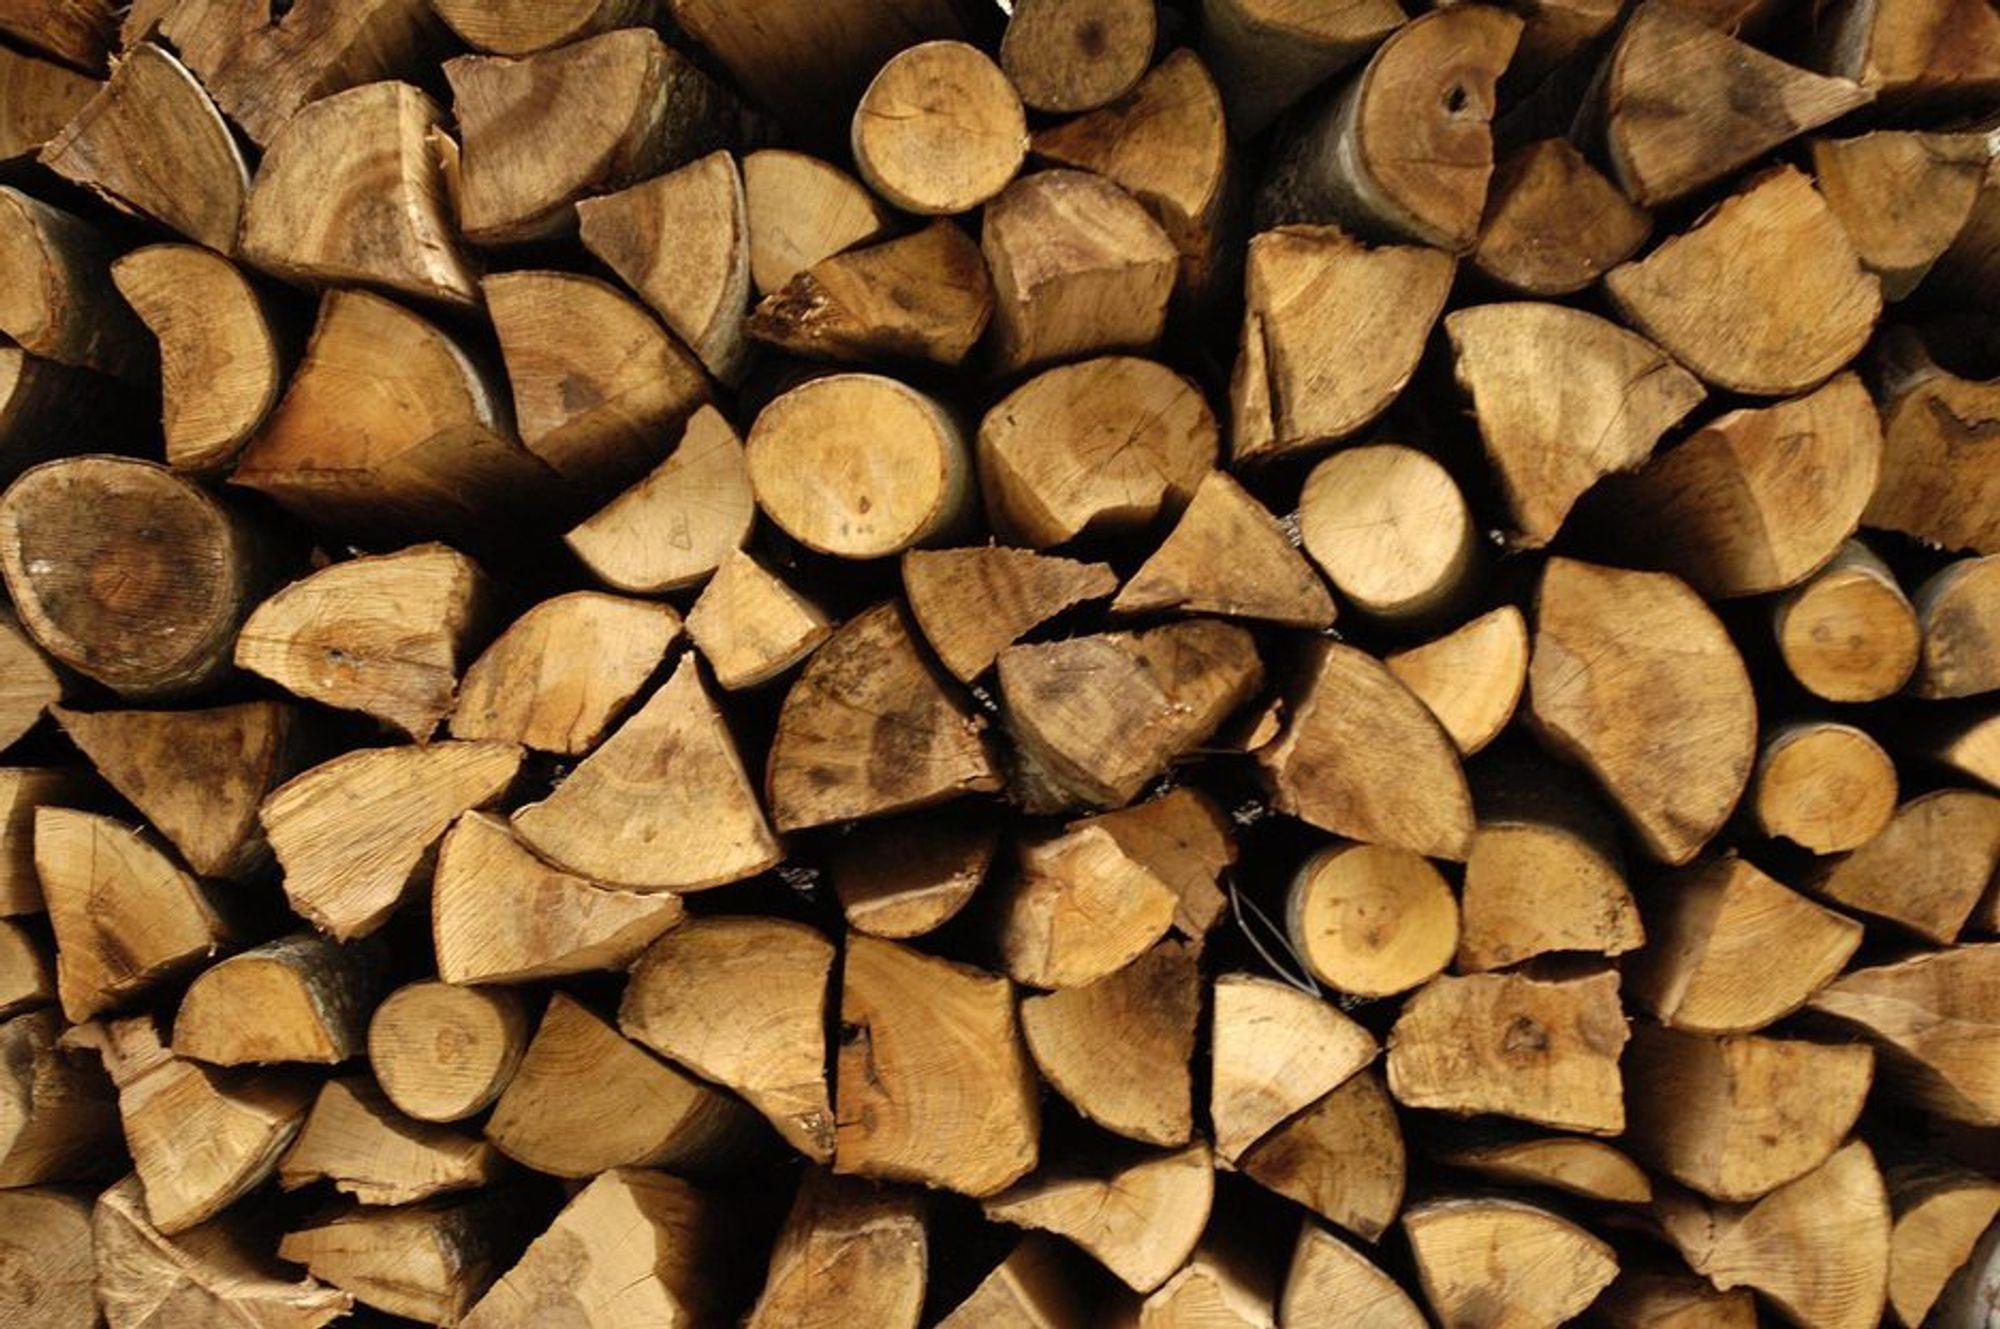 Skogindustrien skal bli lønnsom ved hjelp av 750 millioner fra regjeringen.